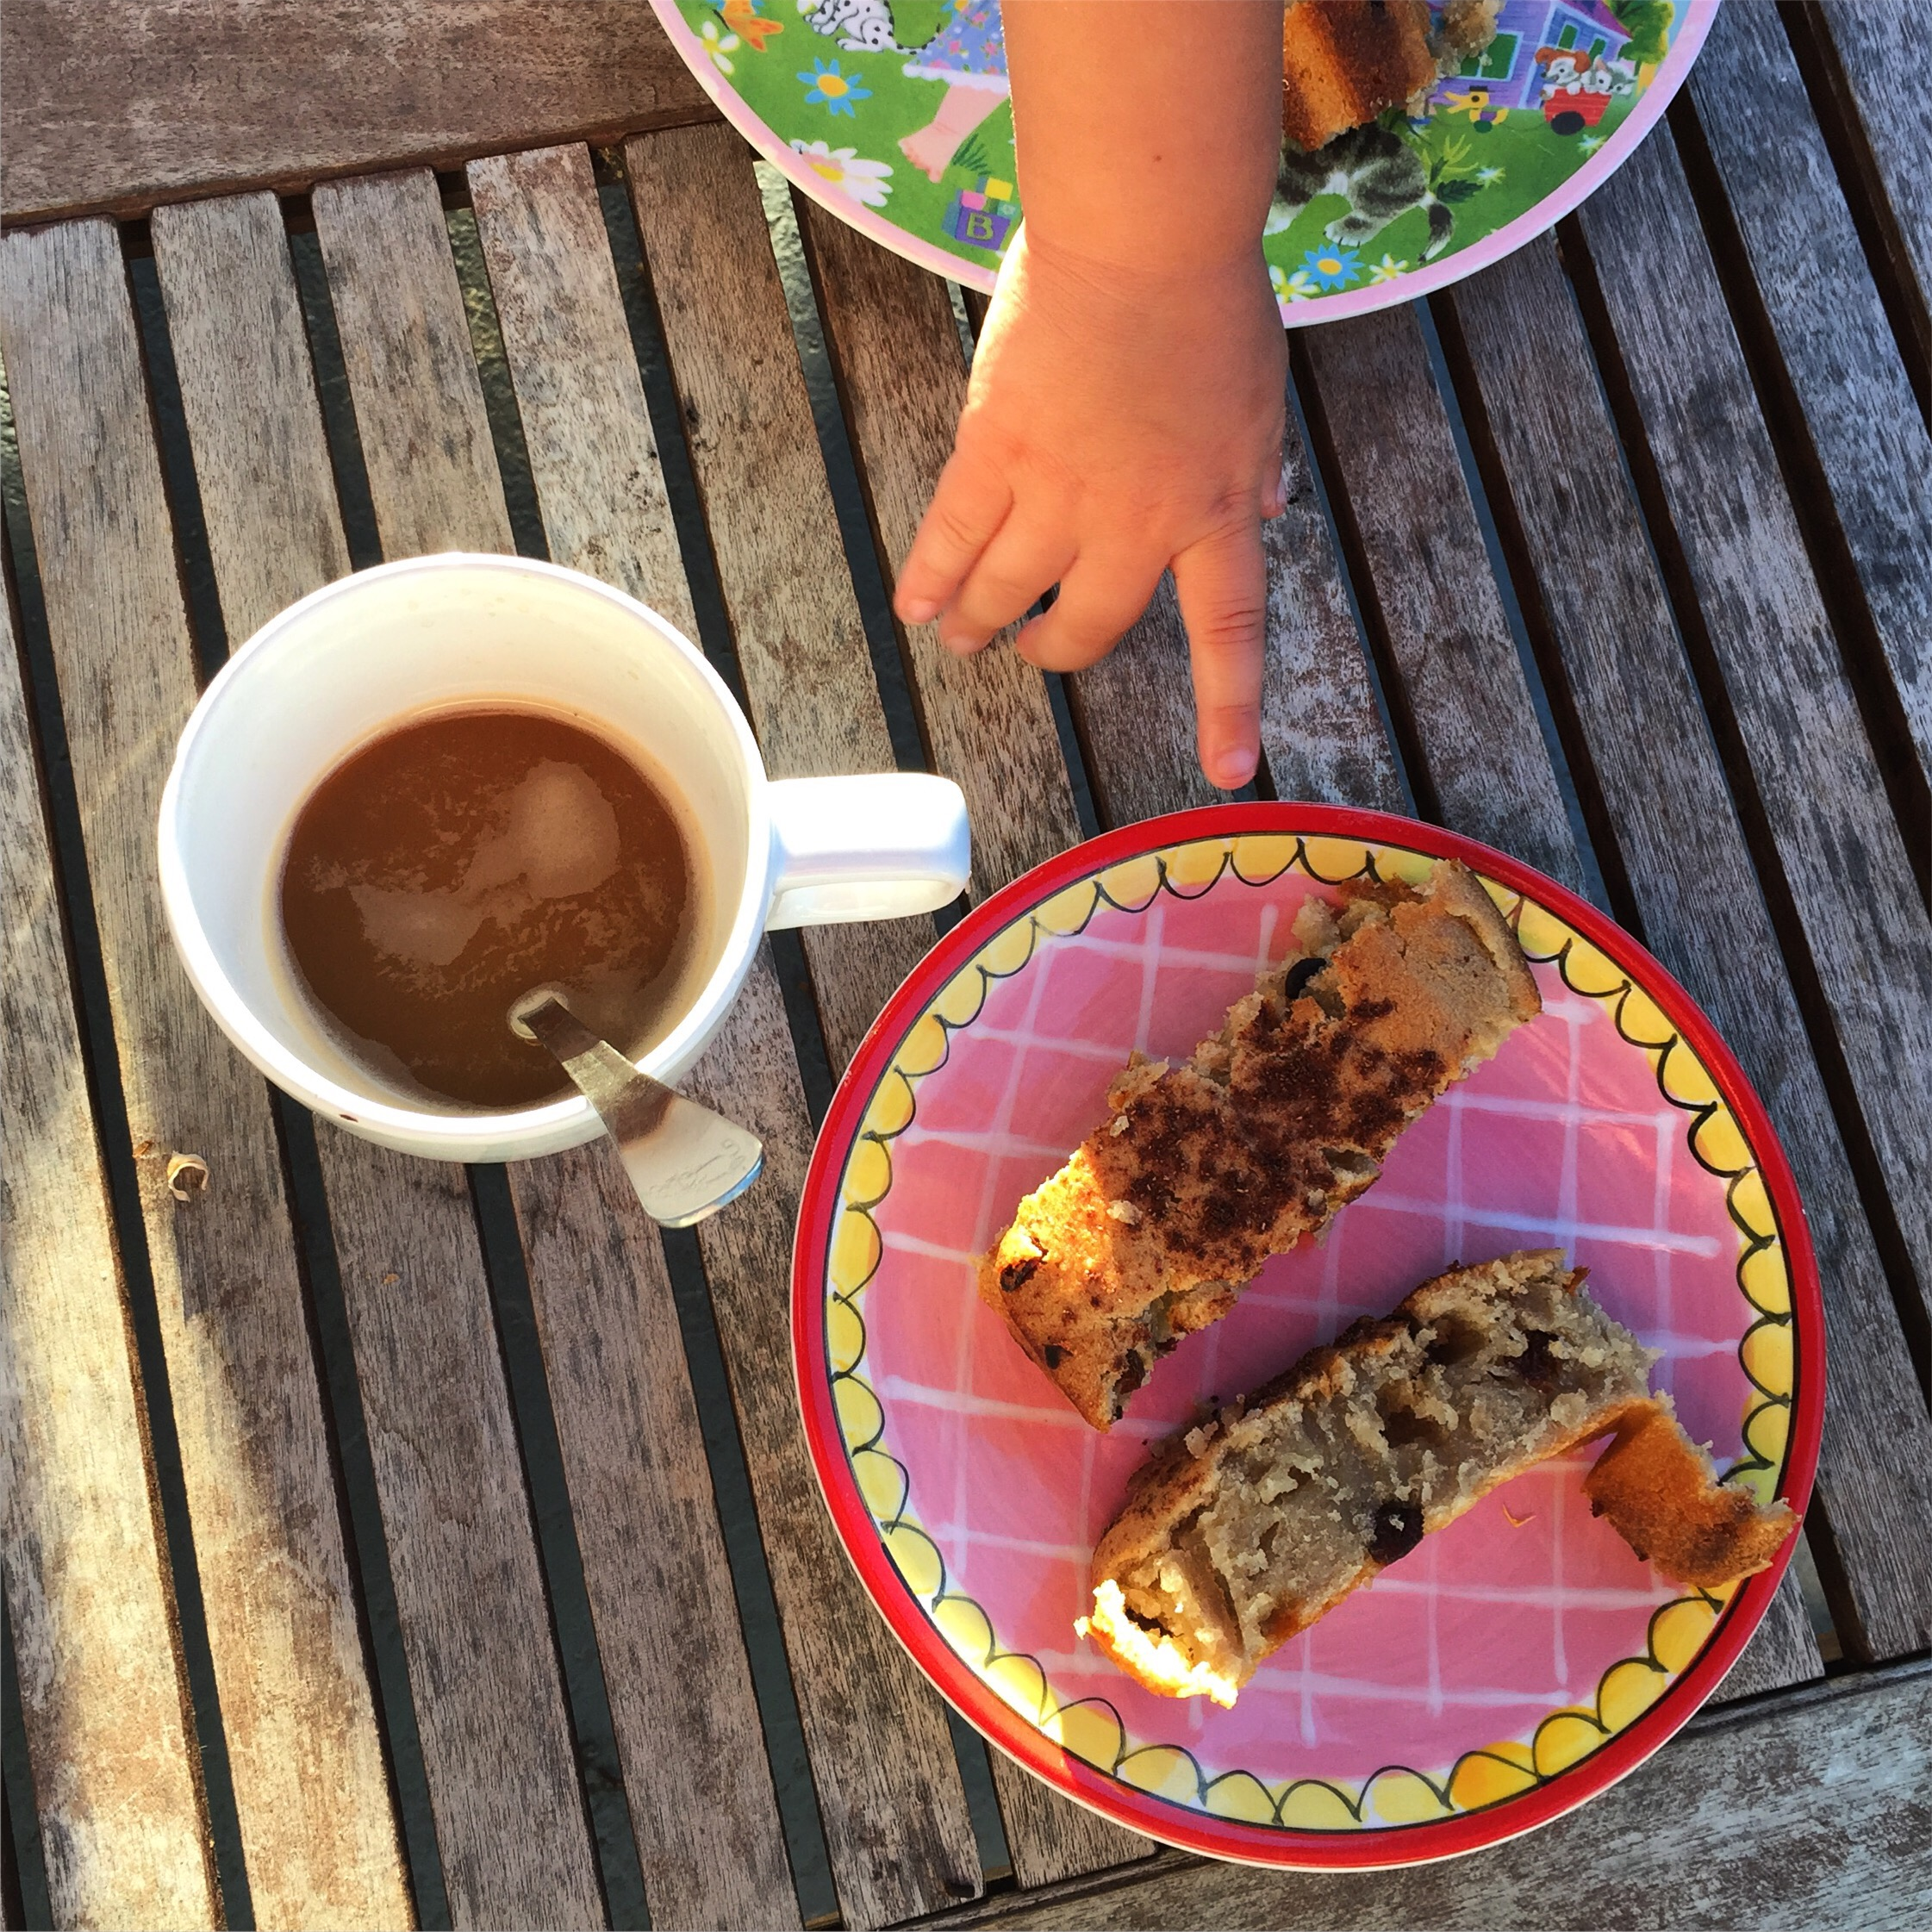 Zaterdagochtend bleek ik geen ontbijt in huis hebben. Gelukkig waren we al om half zes wakker en had ik alle tijd om een bananenbrood te maken!